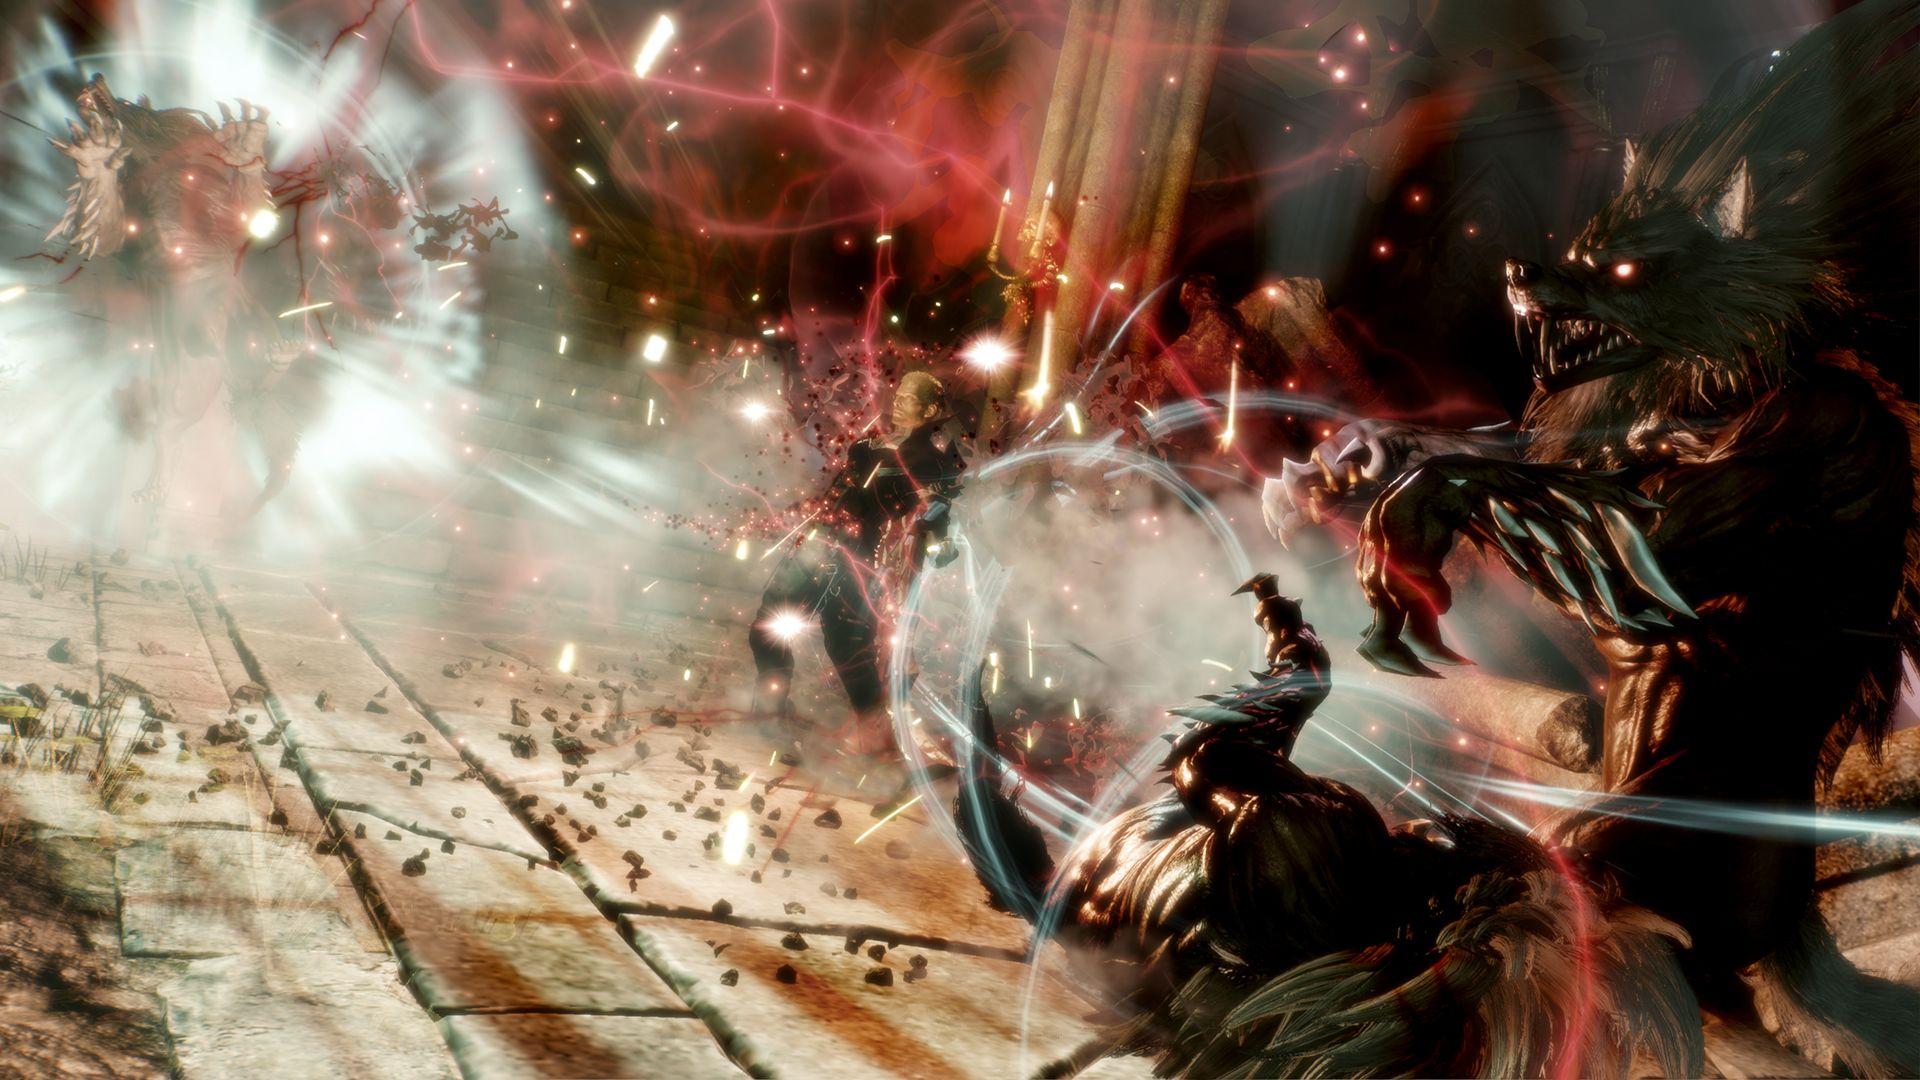 「ライトブリンガー」はMPを犠牲に、一時的にジャックを強化できる。敵をブレイクさせやすくする効果に加え、発動時に敵を吹きとばす